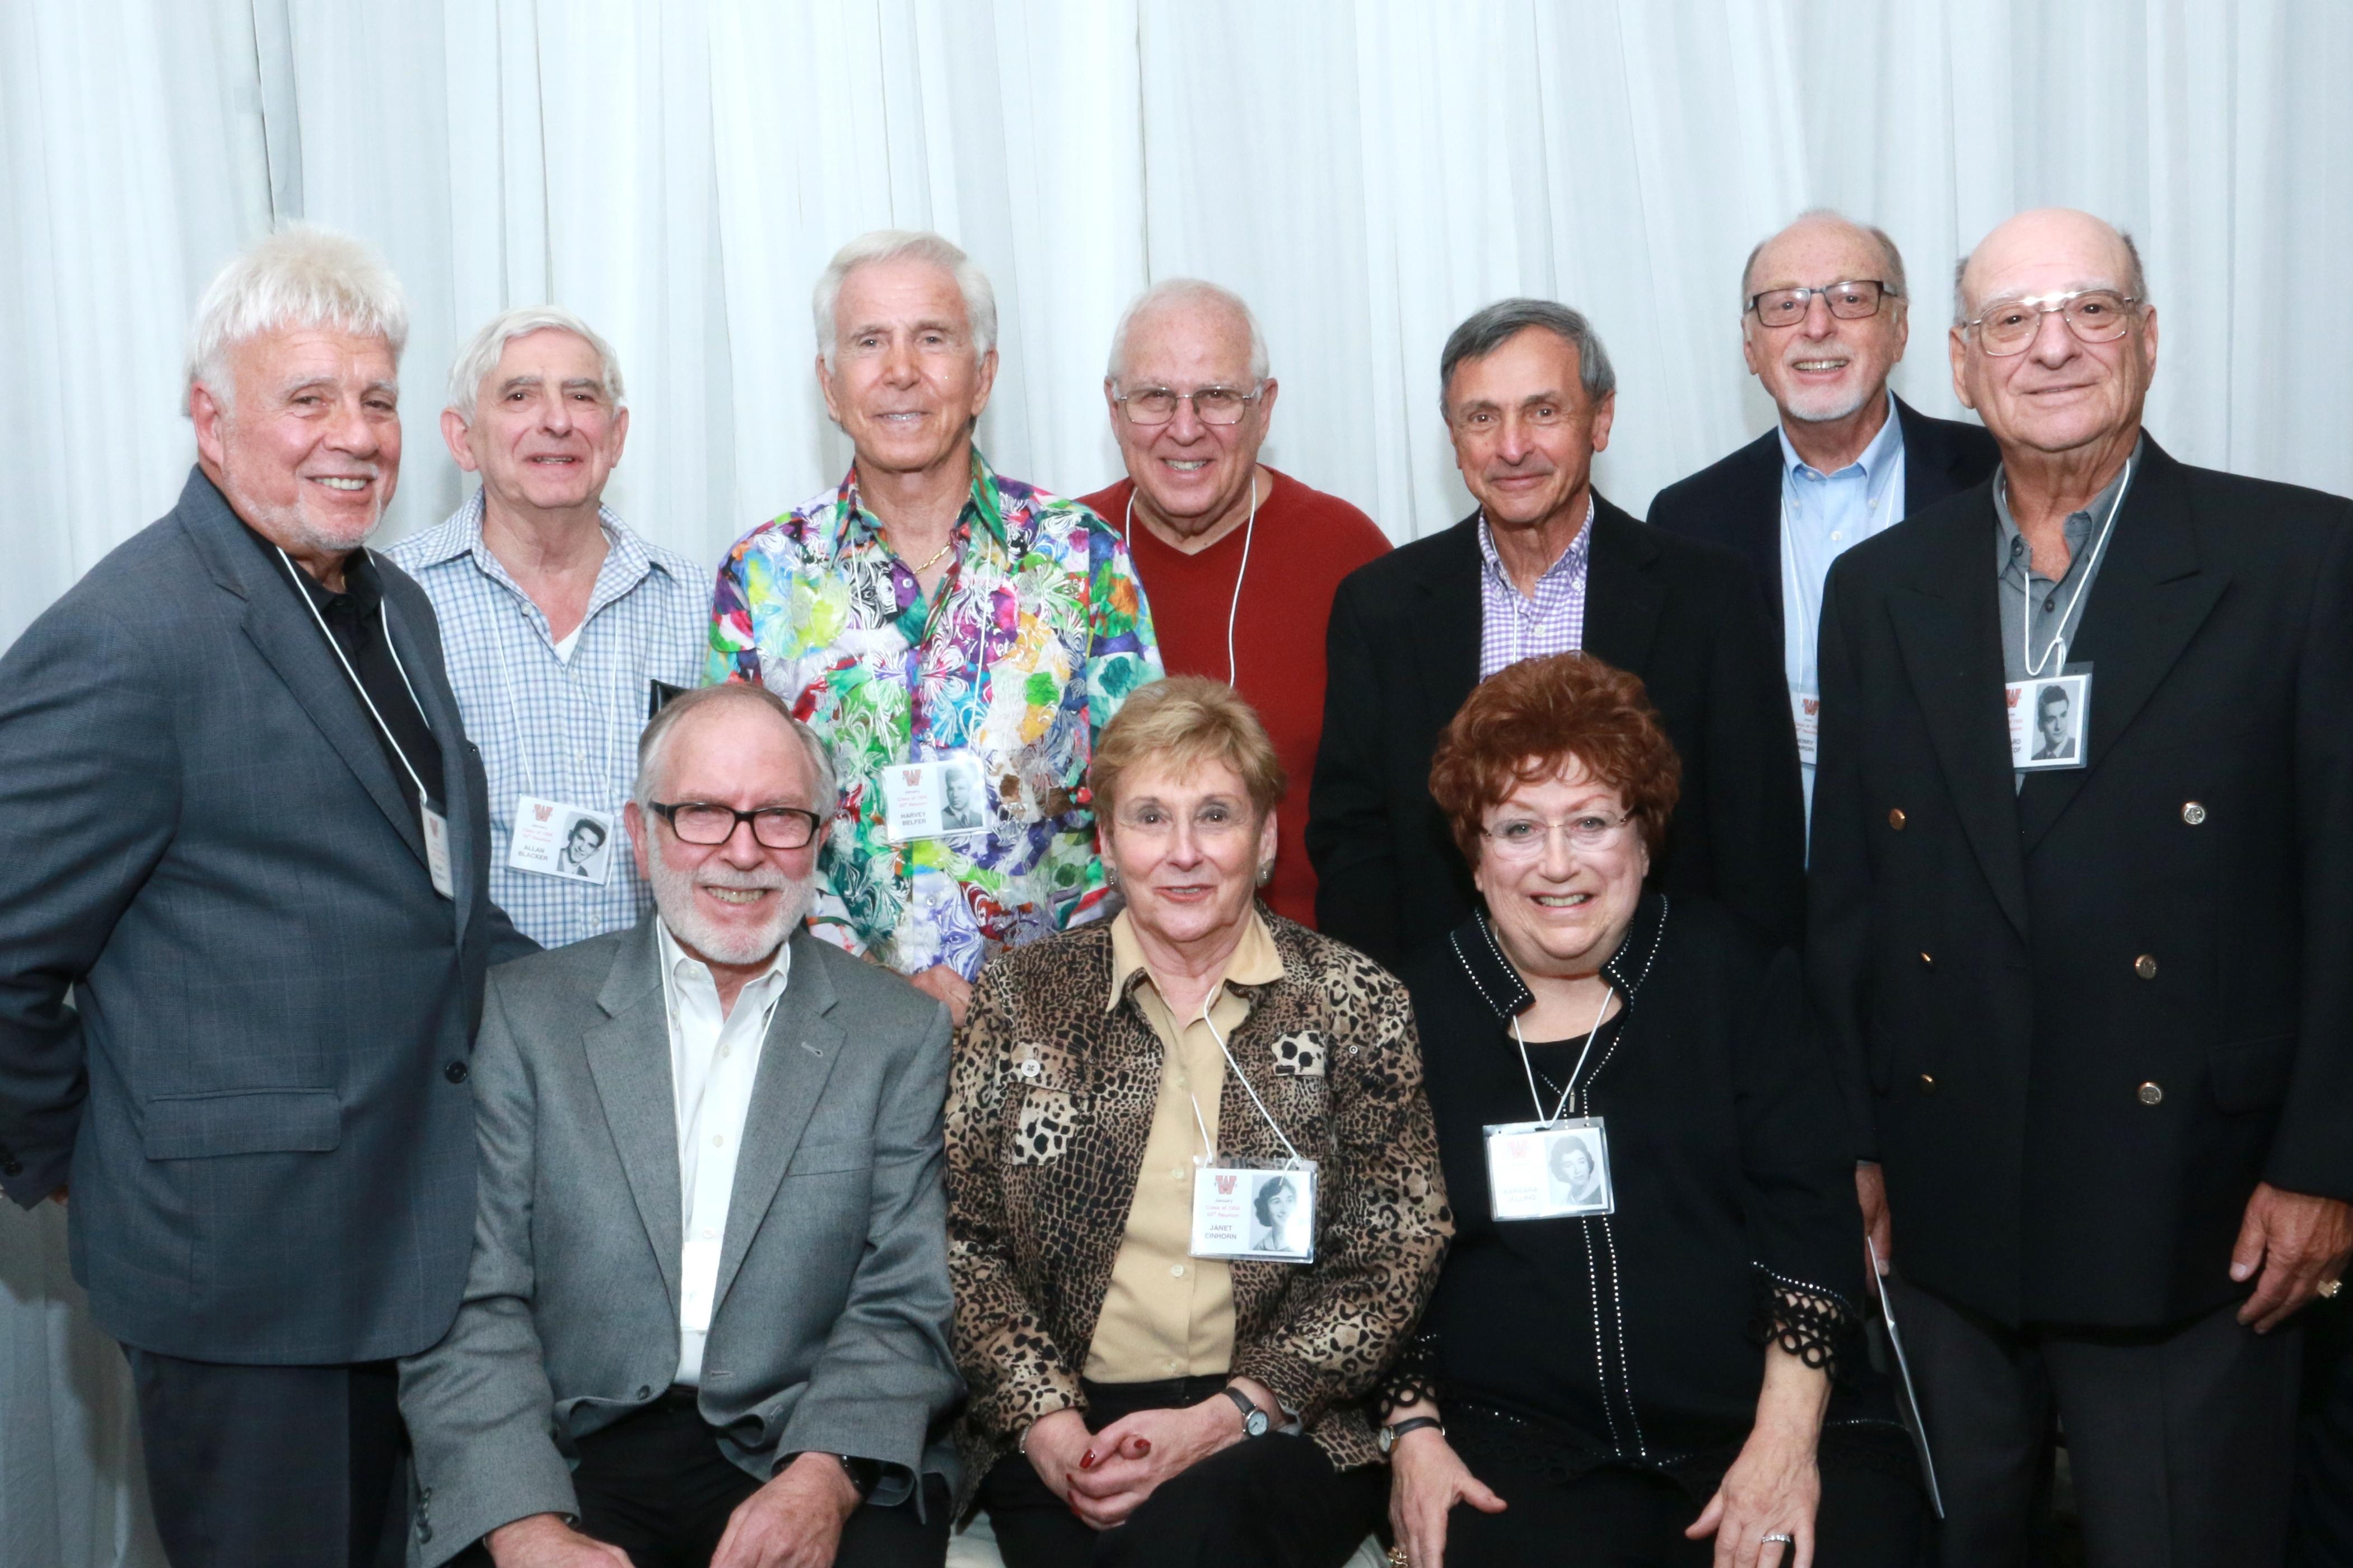 Class of 1956 Reunion 4